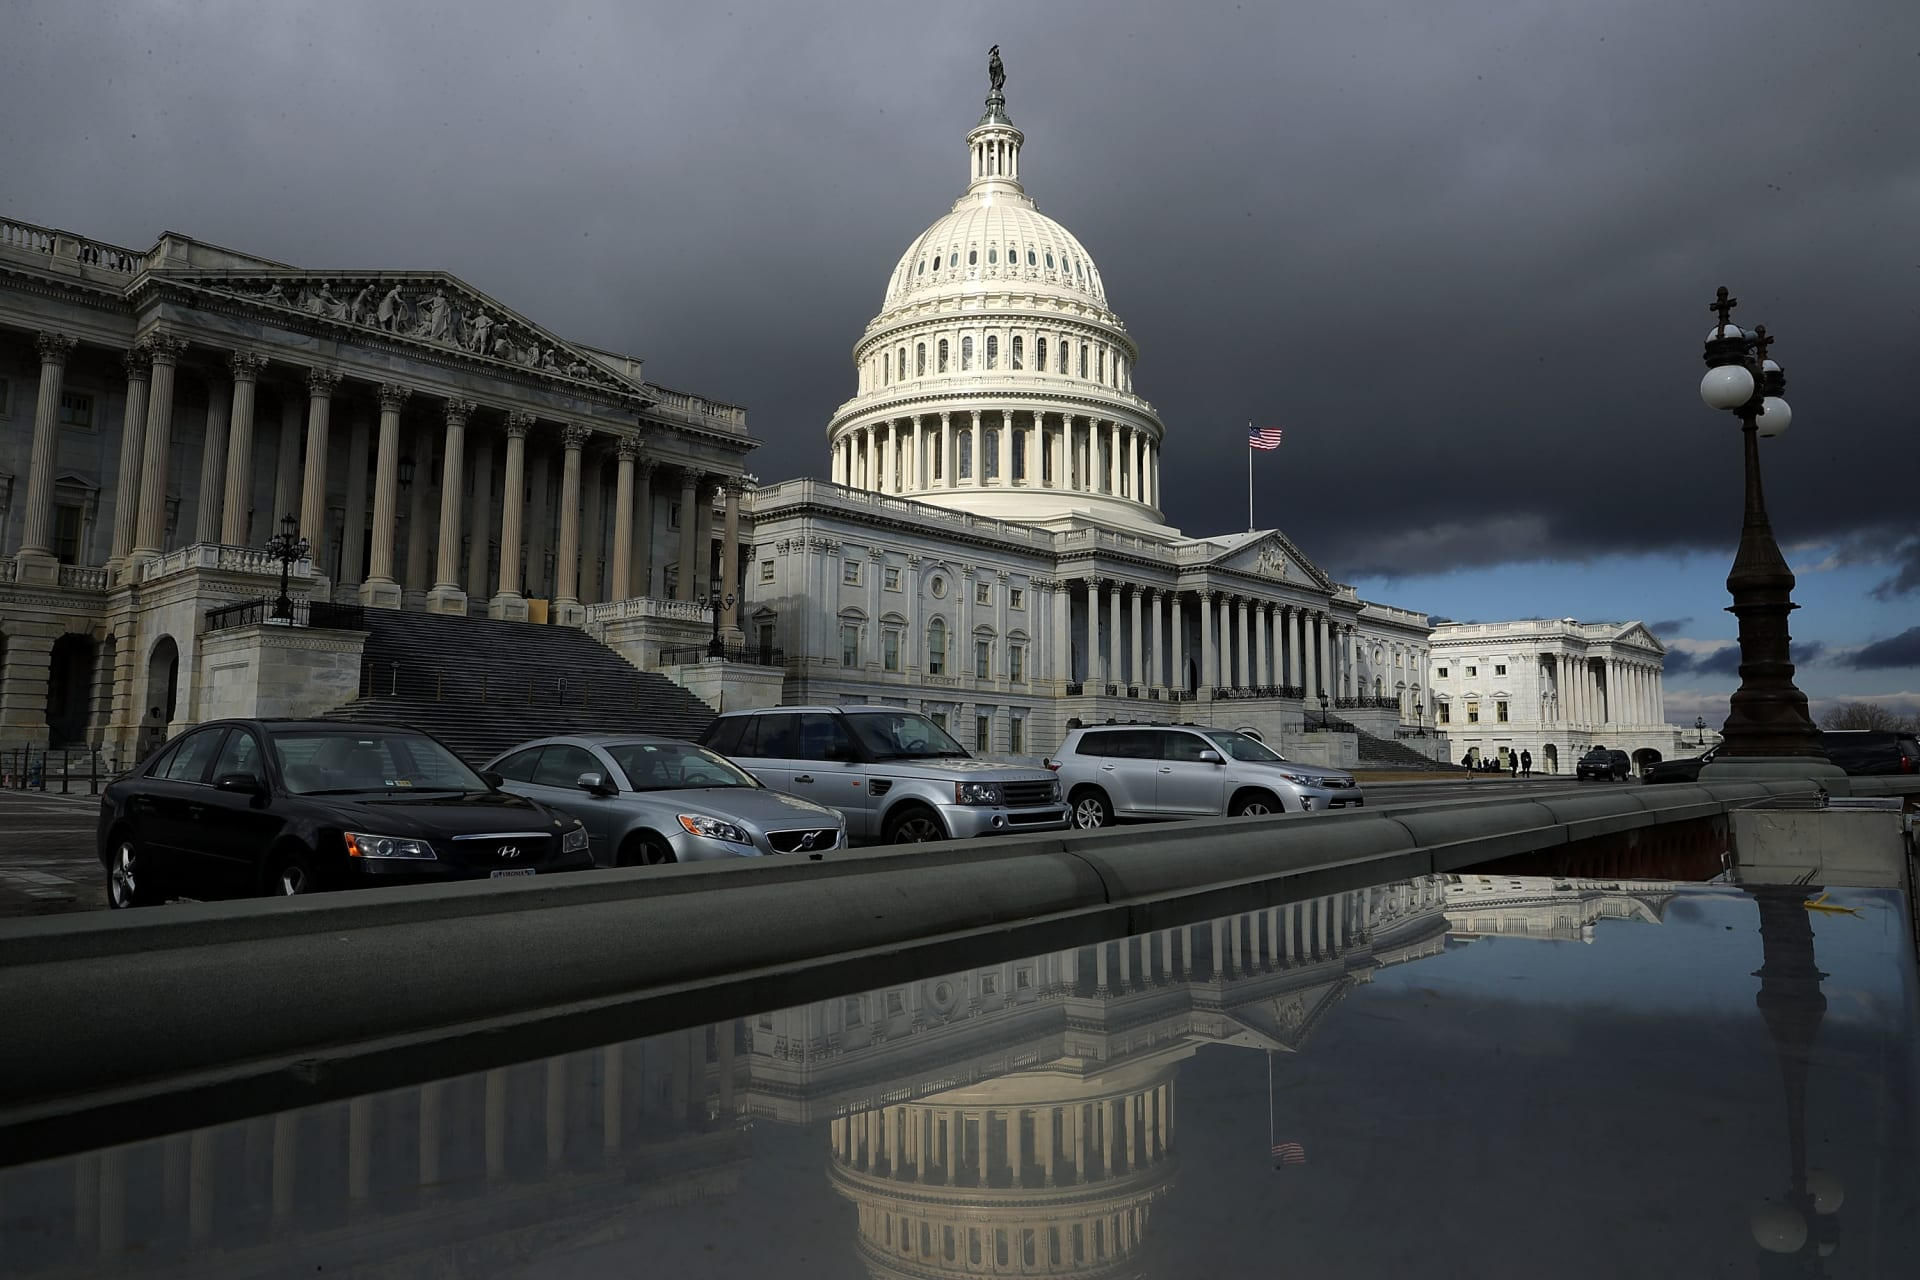 صورة ارشيفية لمنى الكونغرس الأمريكي